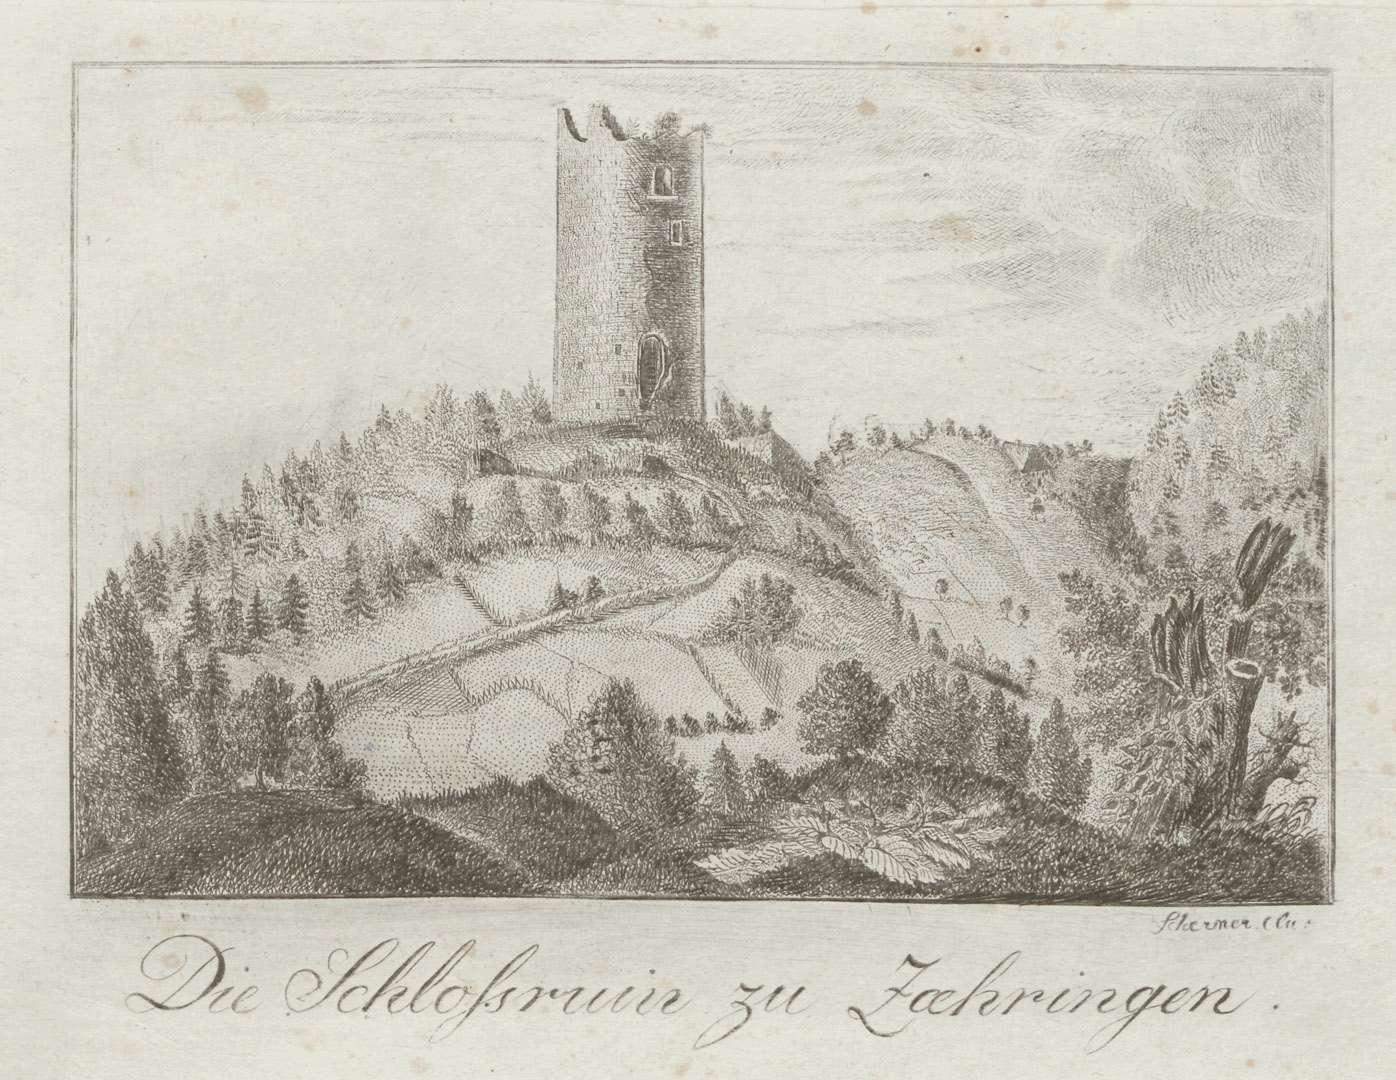 Die Schlossruin zu Zaehringen, Bild 1